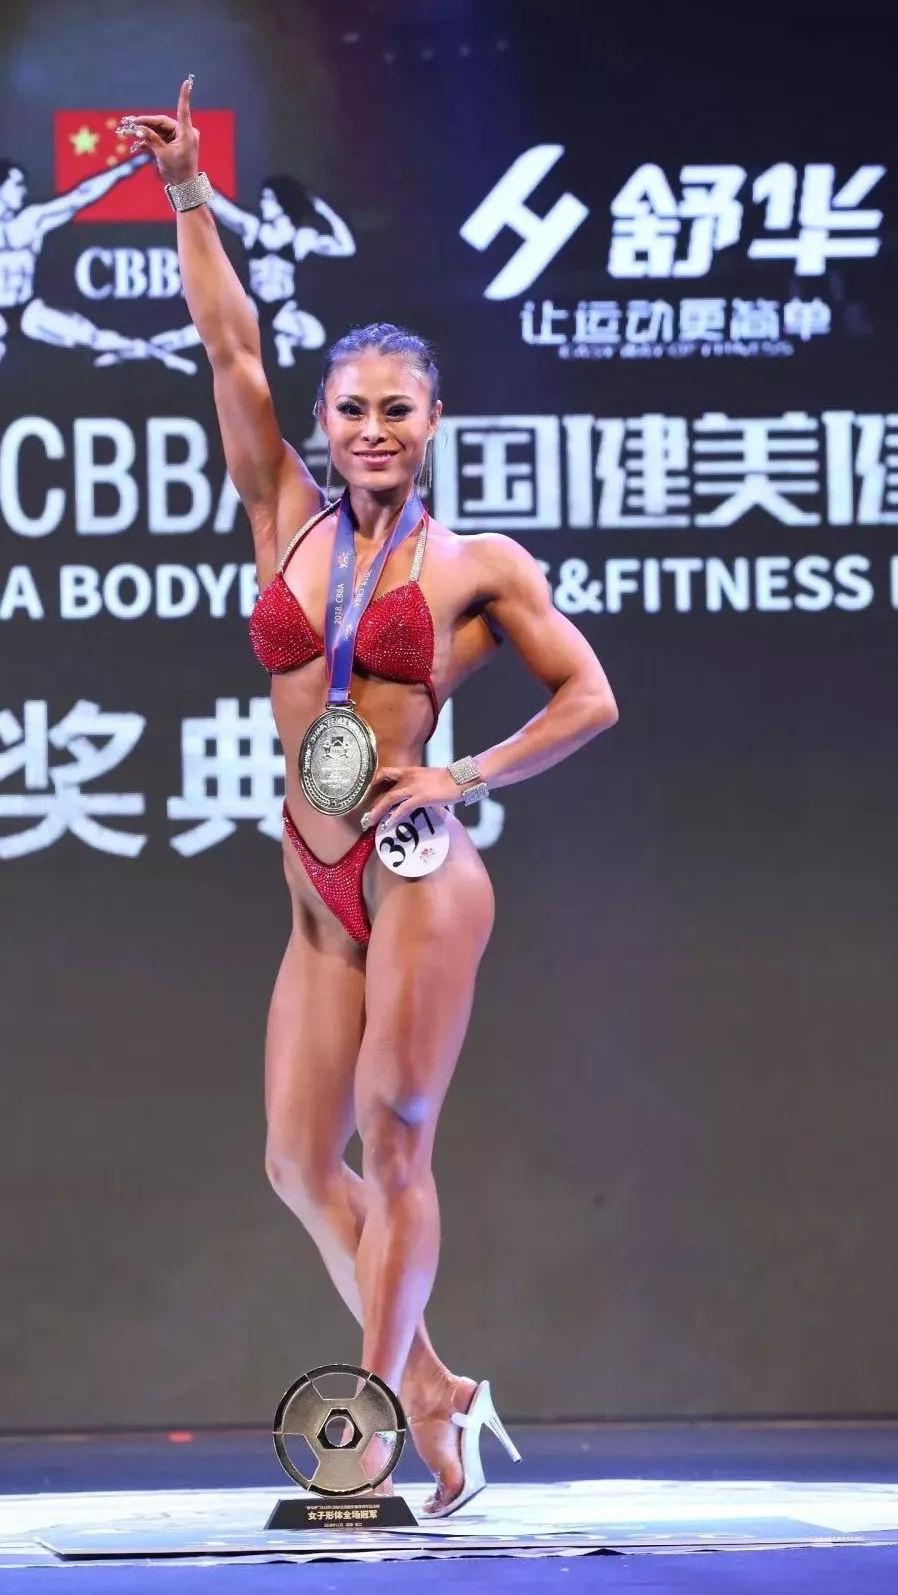 艳仹.b�i*yg,9.#yk�y�dy��_周艳凤:女子形体b组冠军及全场亚军,混双冠军